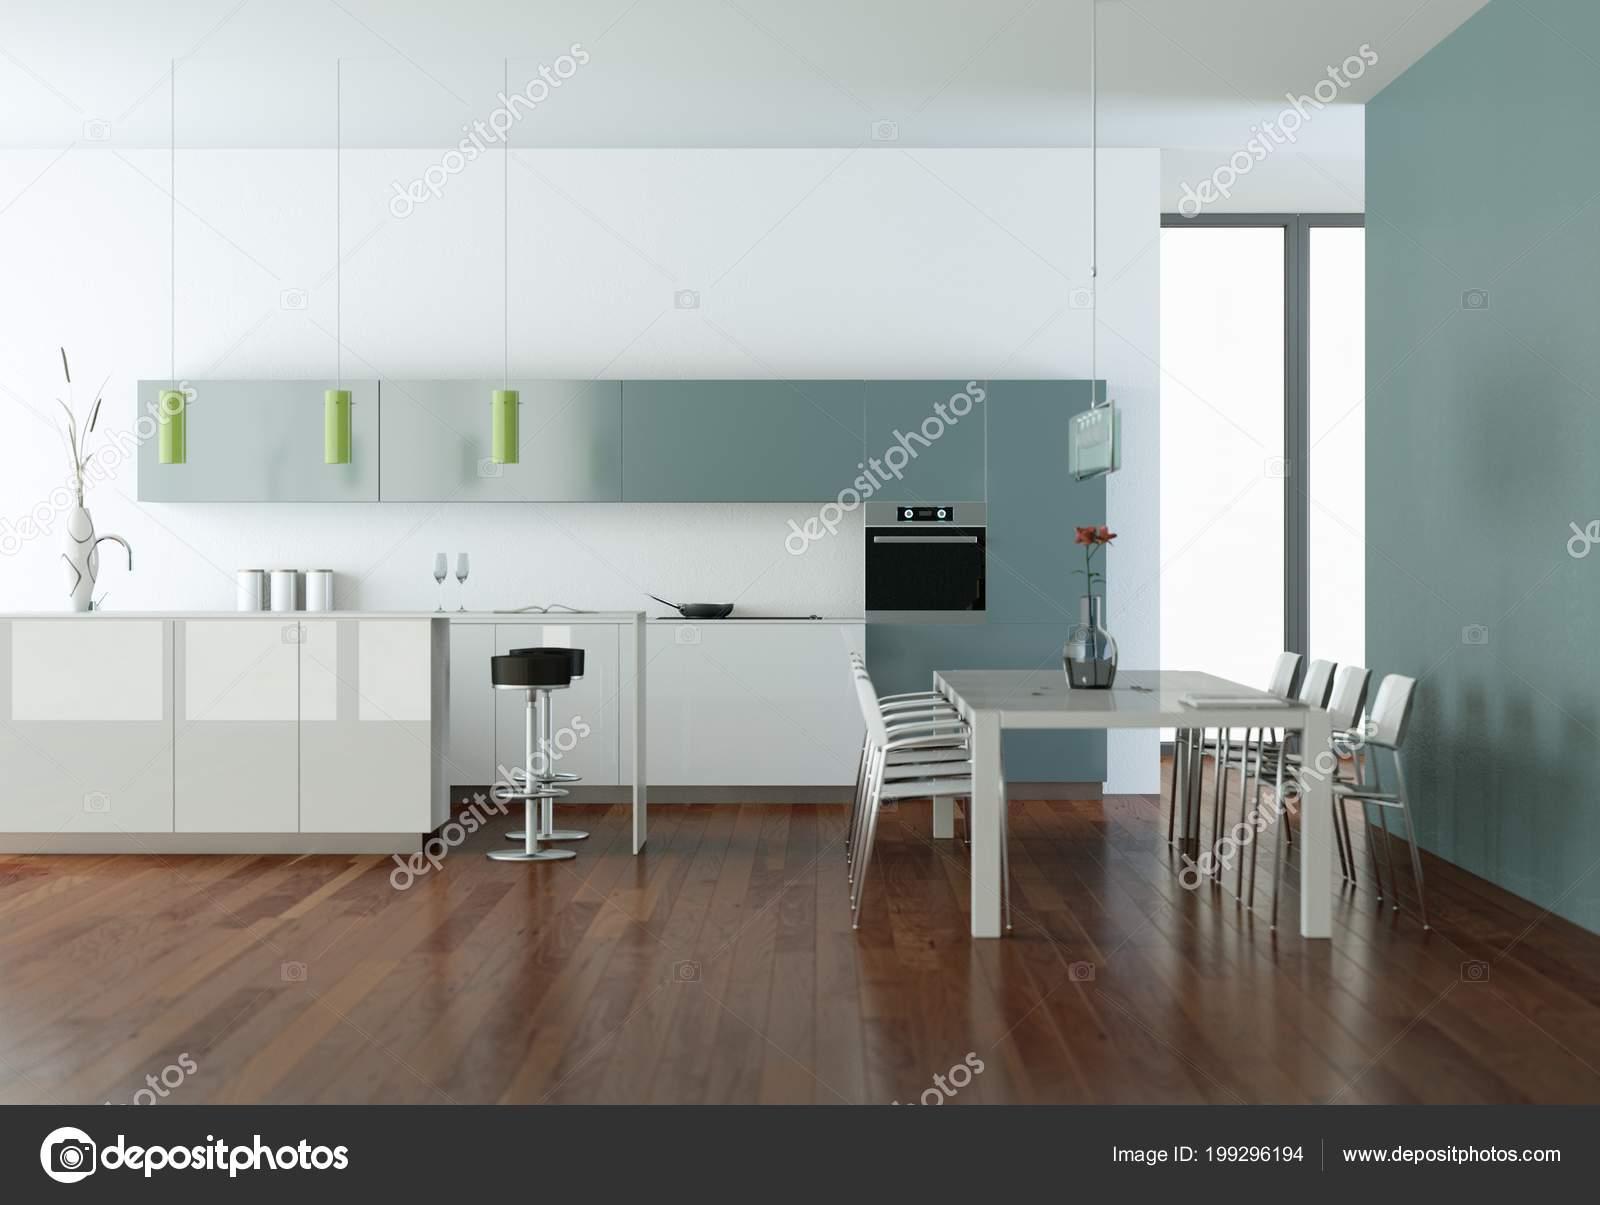 Cucina moderna blu in una stanza con muro in pietra — Foto Stock ...